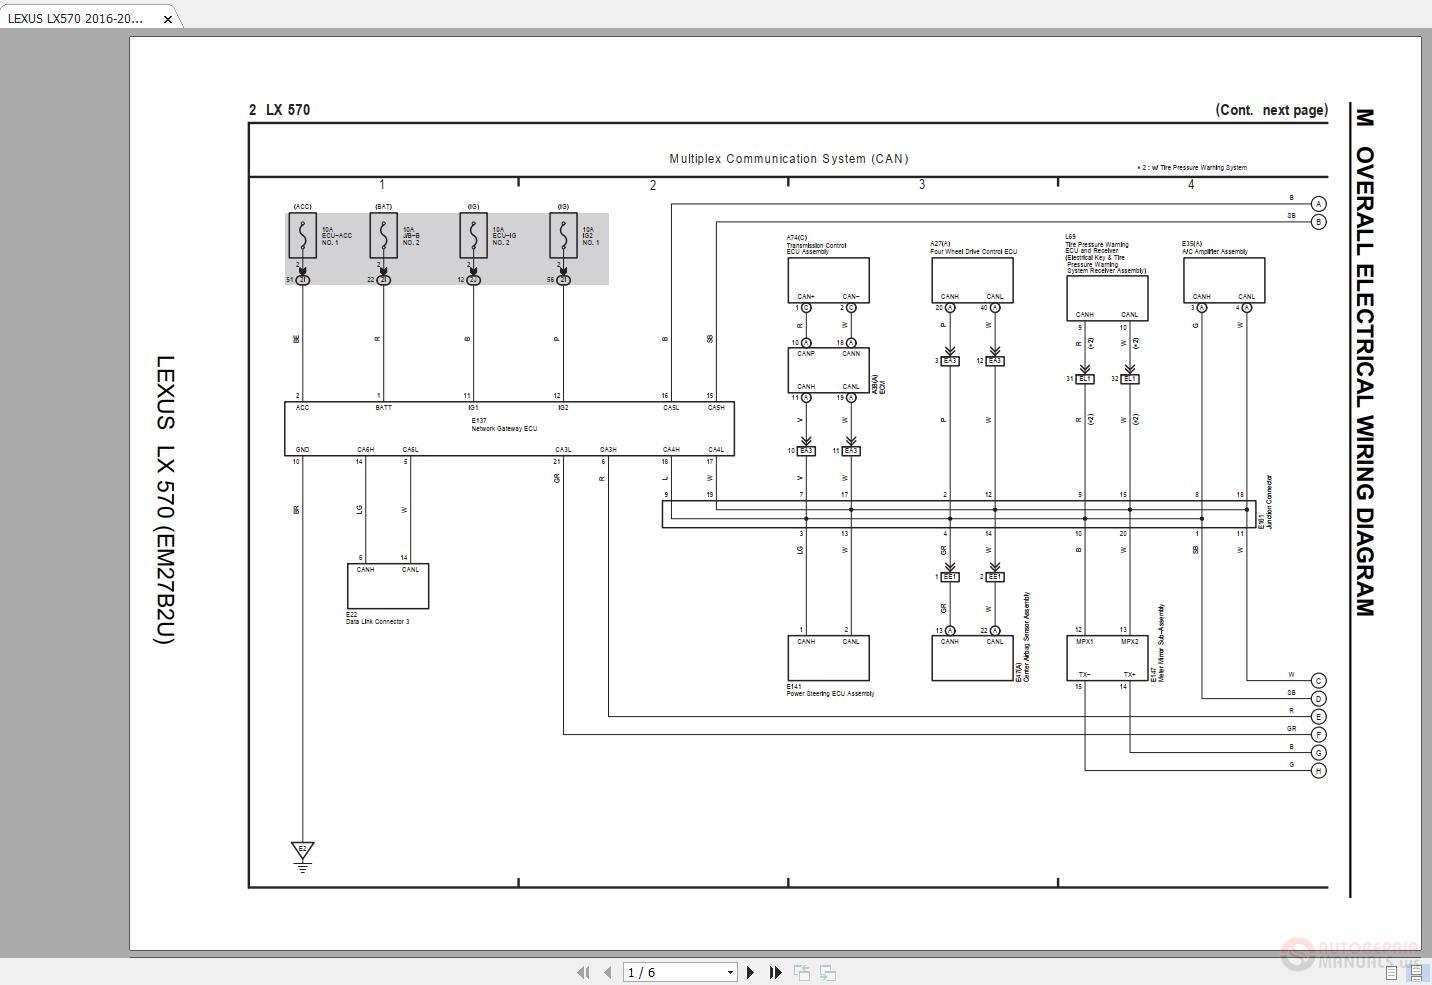 [SCHEMATICS_48IU]  LEXUS LX570 2016-2018 Electrical Wiring Diagram | Auto Repair Manual Forum  - Heavy Equipment Forums - Download Repair & Workshop Manual | Lexus Electrical Wiring Diagram |  | Auto Repair Manual Forum